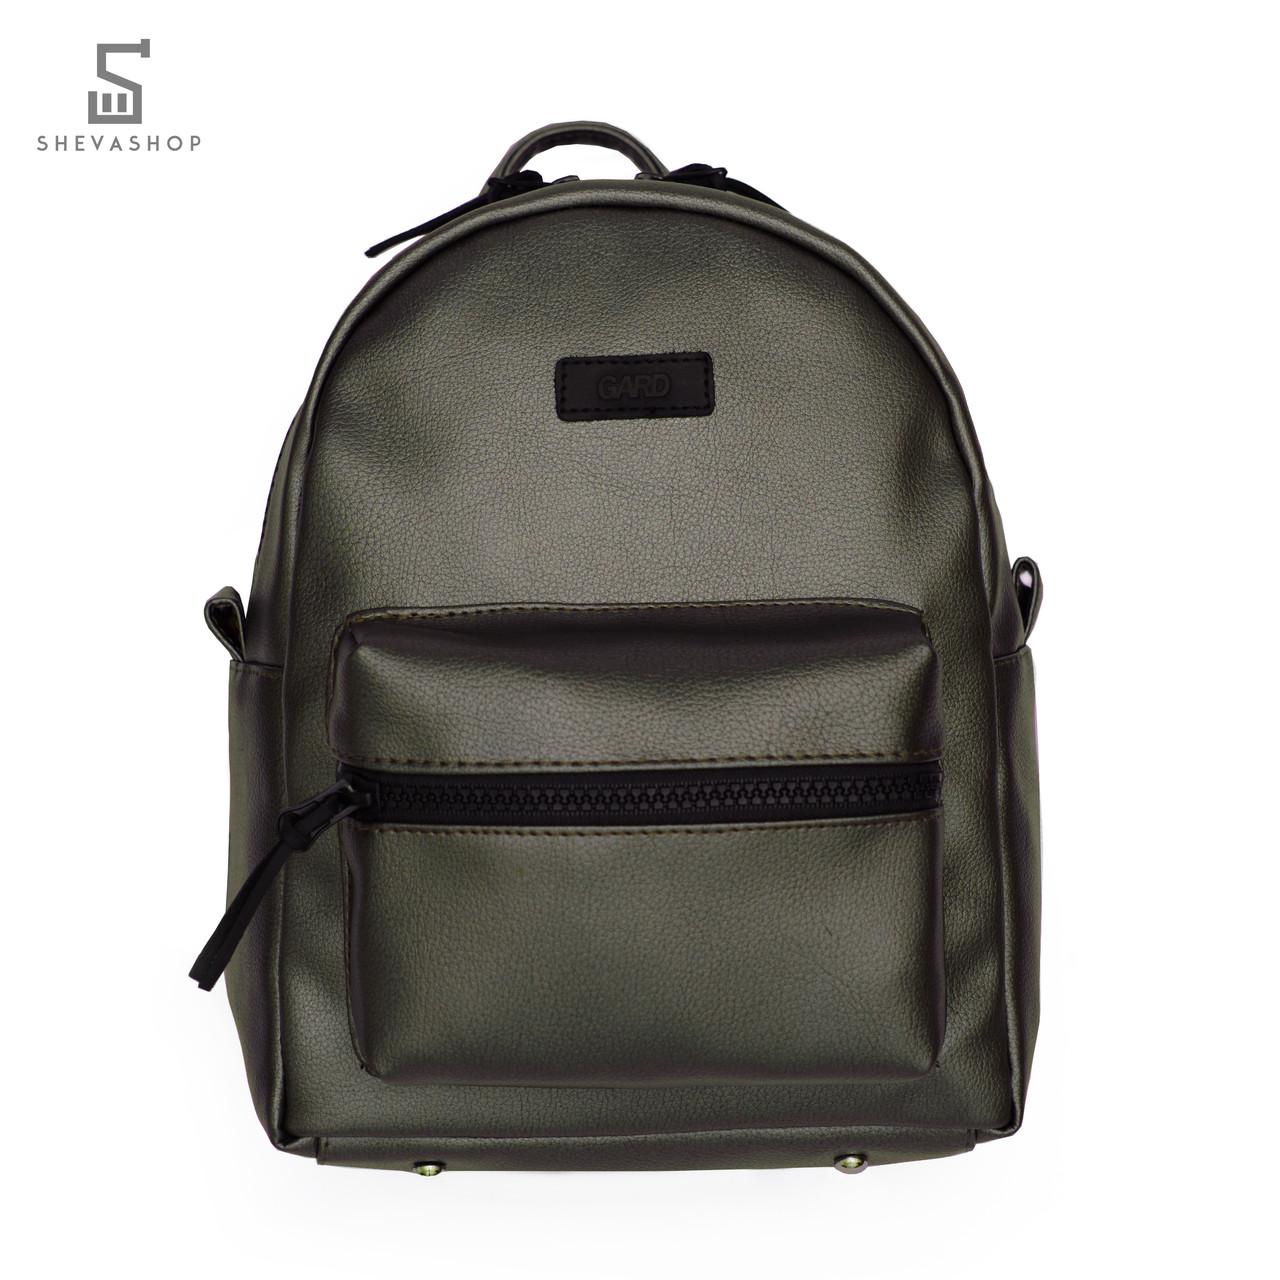 Женский рюкзак GARD Backpack mini | platina 2/18 хаки